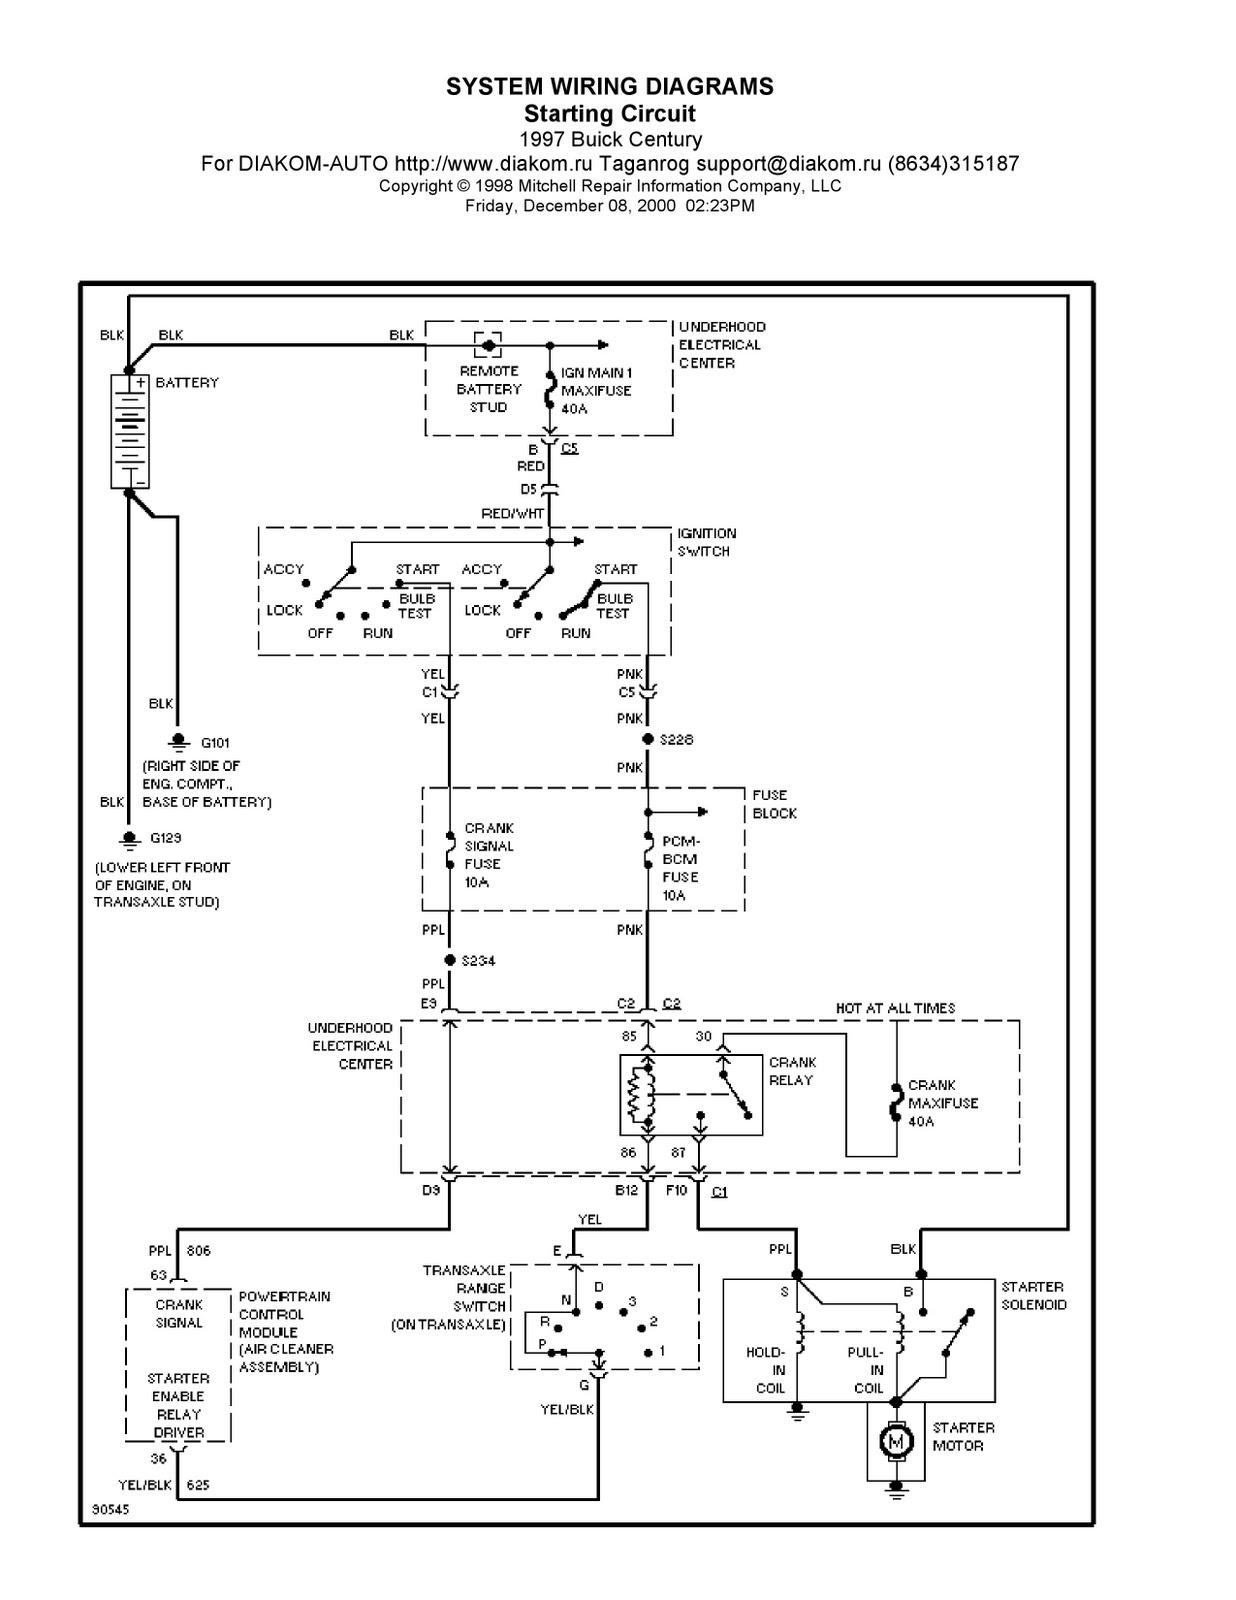 1997 Buick Century System Wiring Diagram Starting Circuit